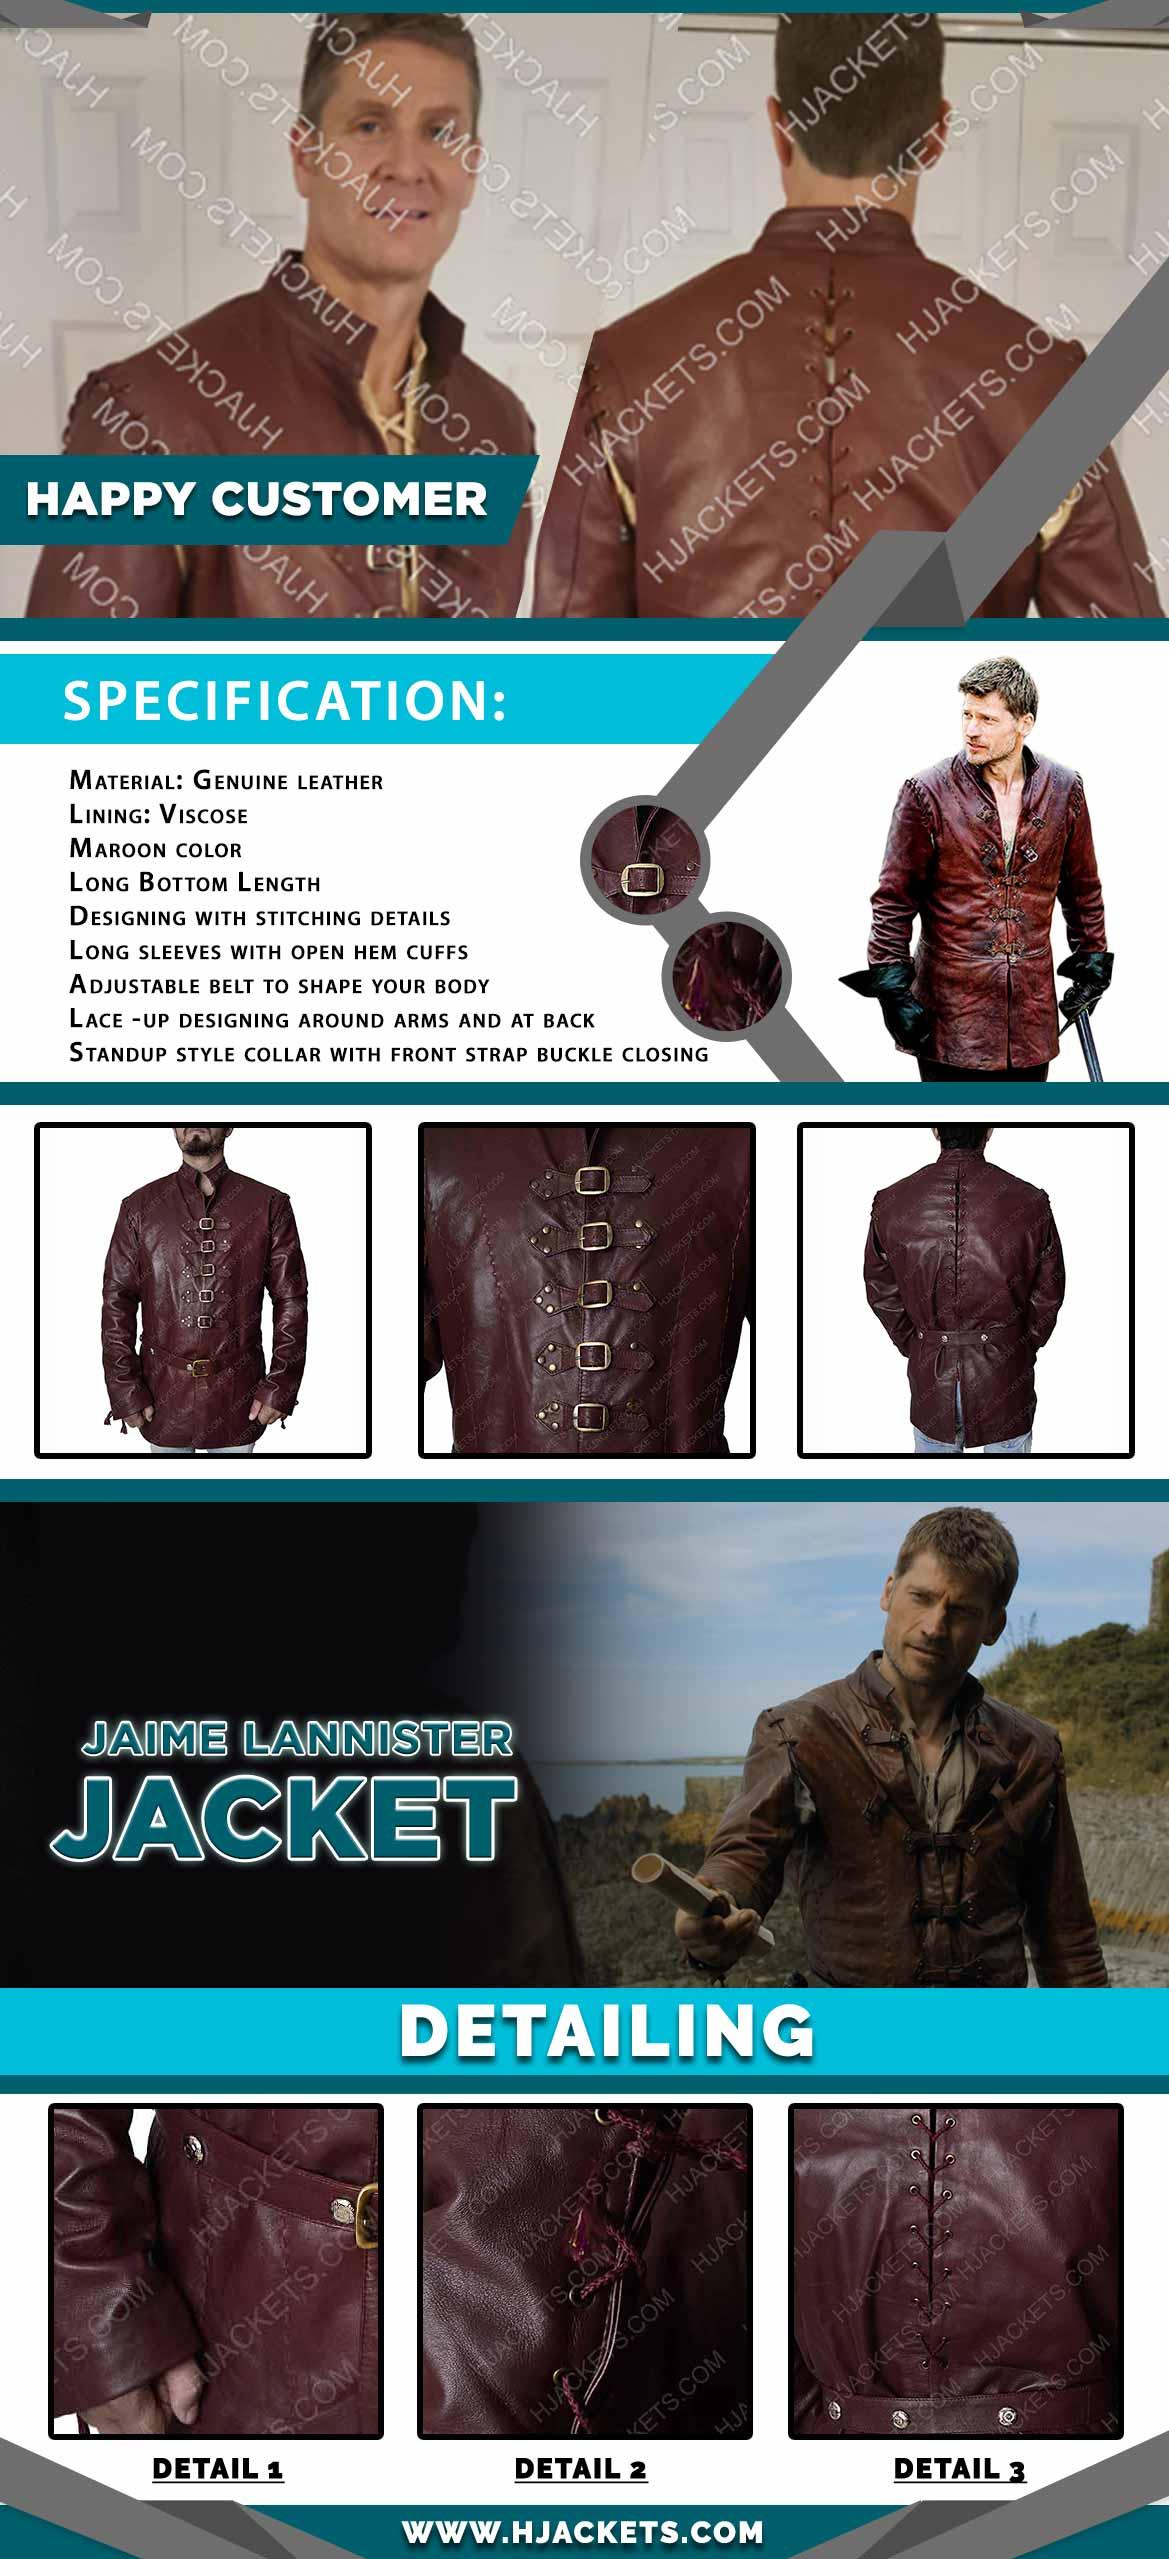 Jaime Lannister Jacket Infogrpaphic